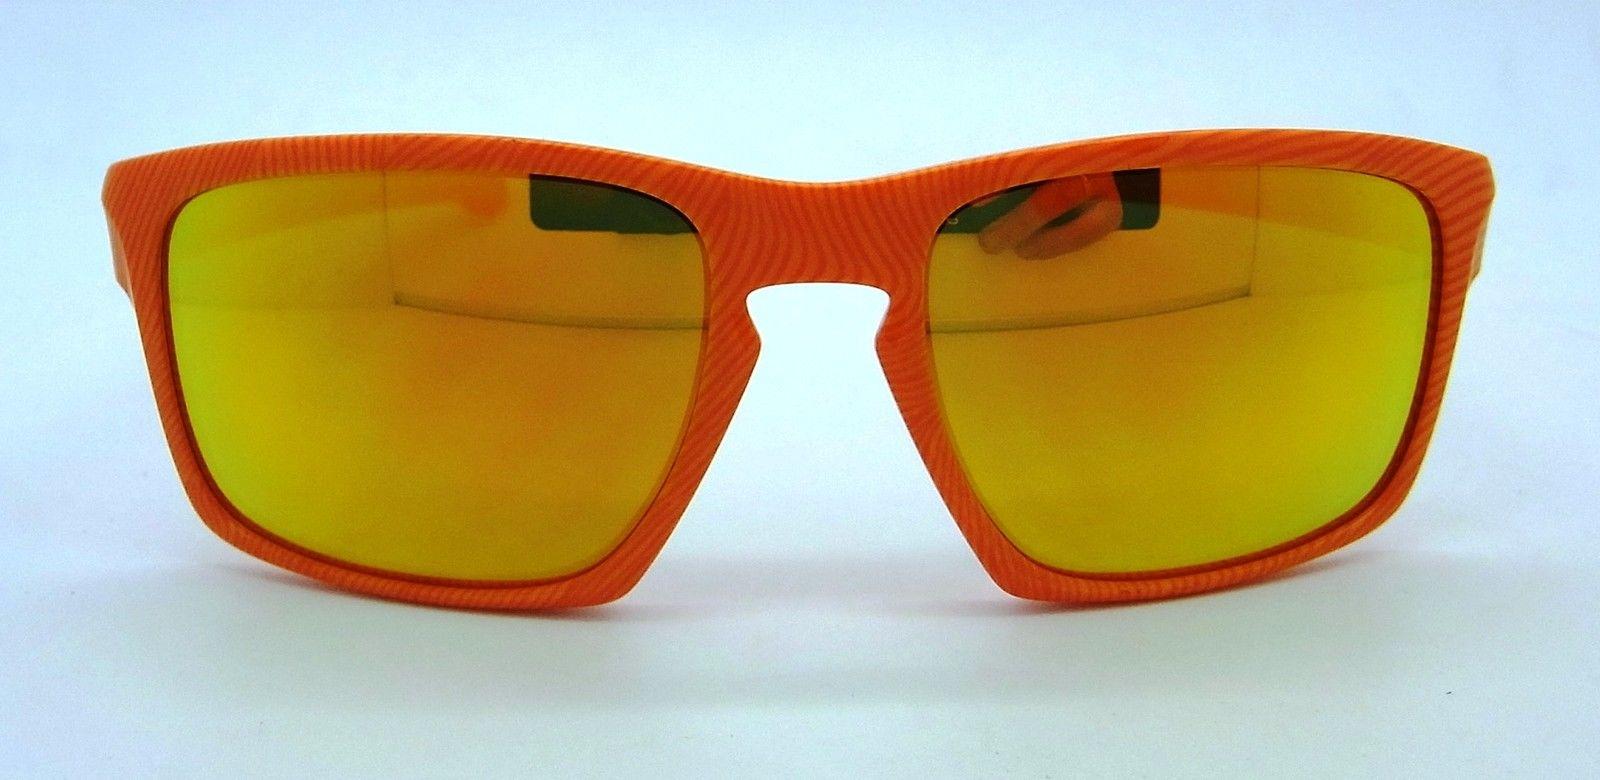 12e8ab63b0 Oakley Sliver Fingerprint Sunglasses Atomic Orange w  Fire Iridium 9262-16